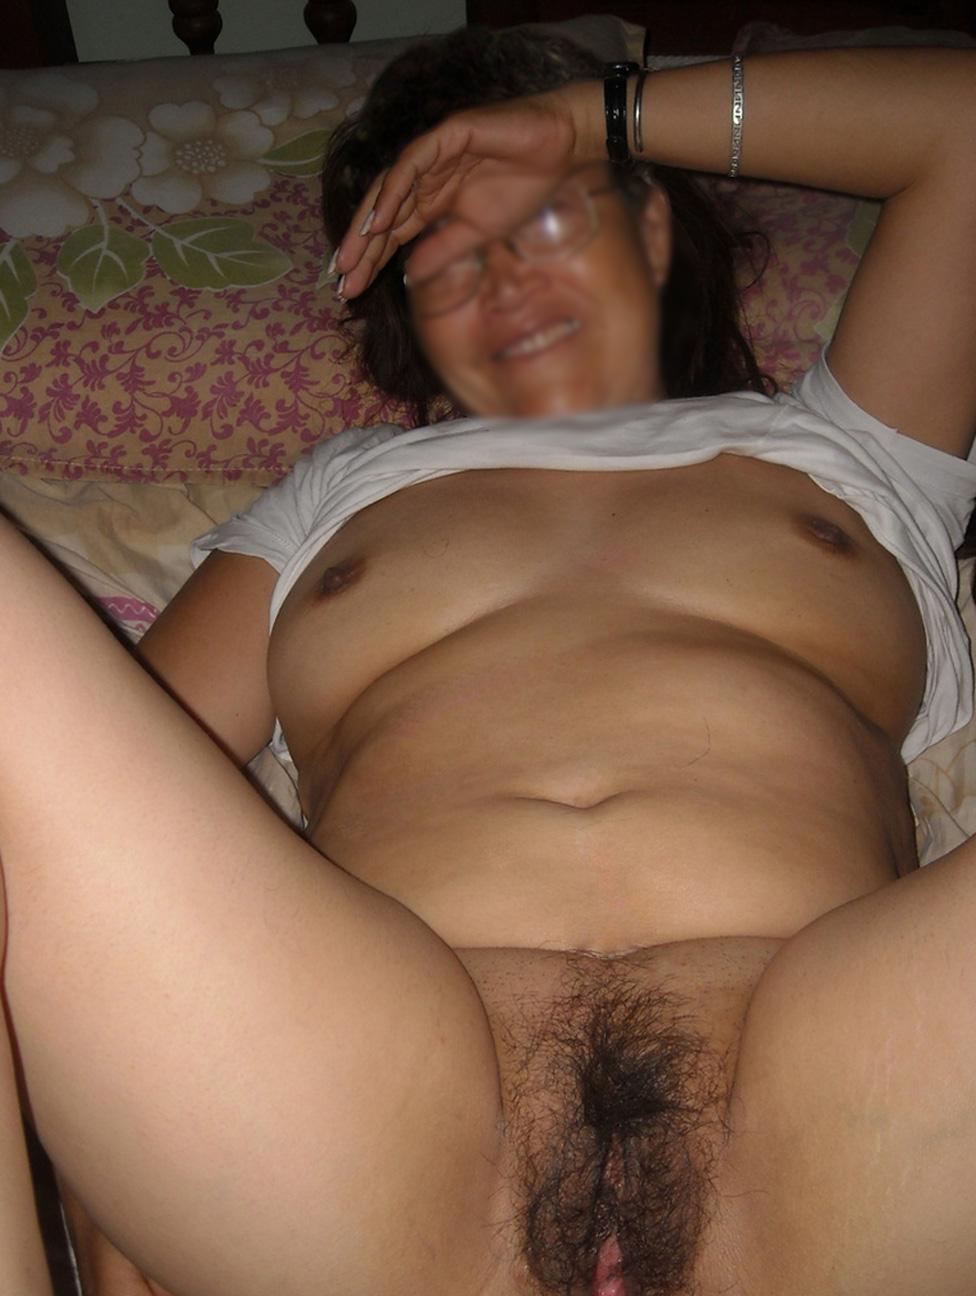 Abuela gorda y caliente - 3 part 10